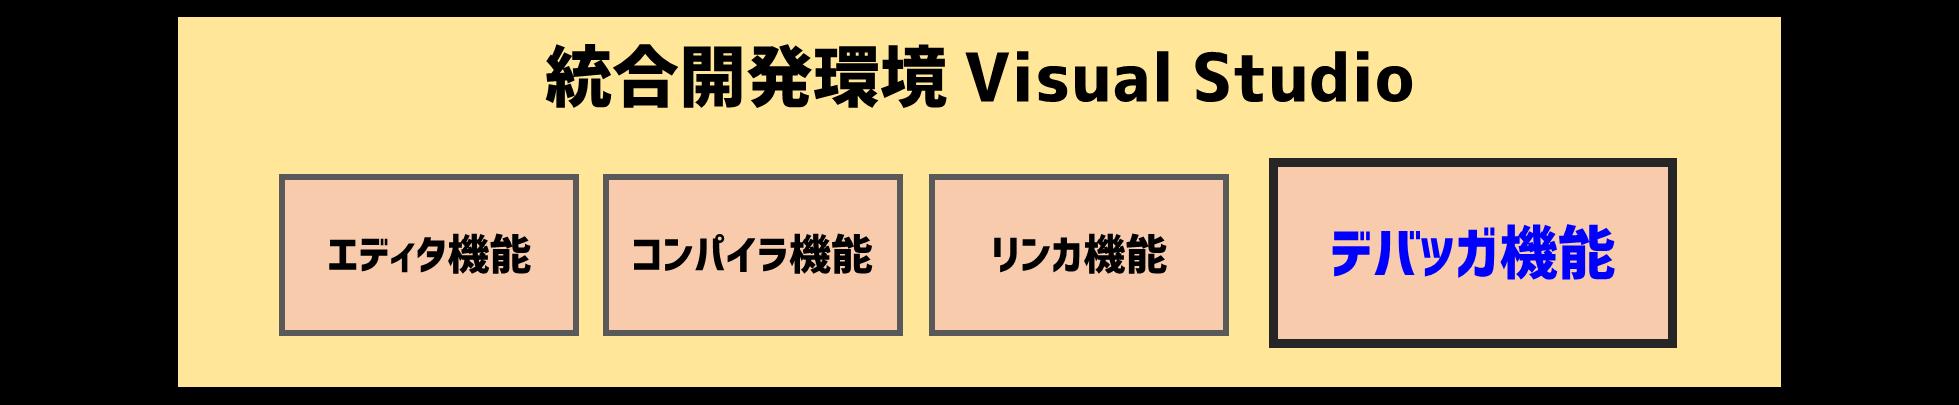 VisualStuidoのデバッガ機能